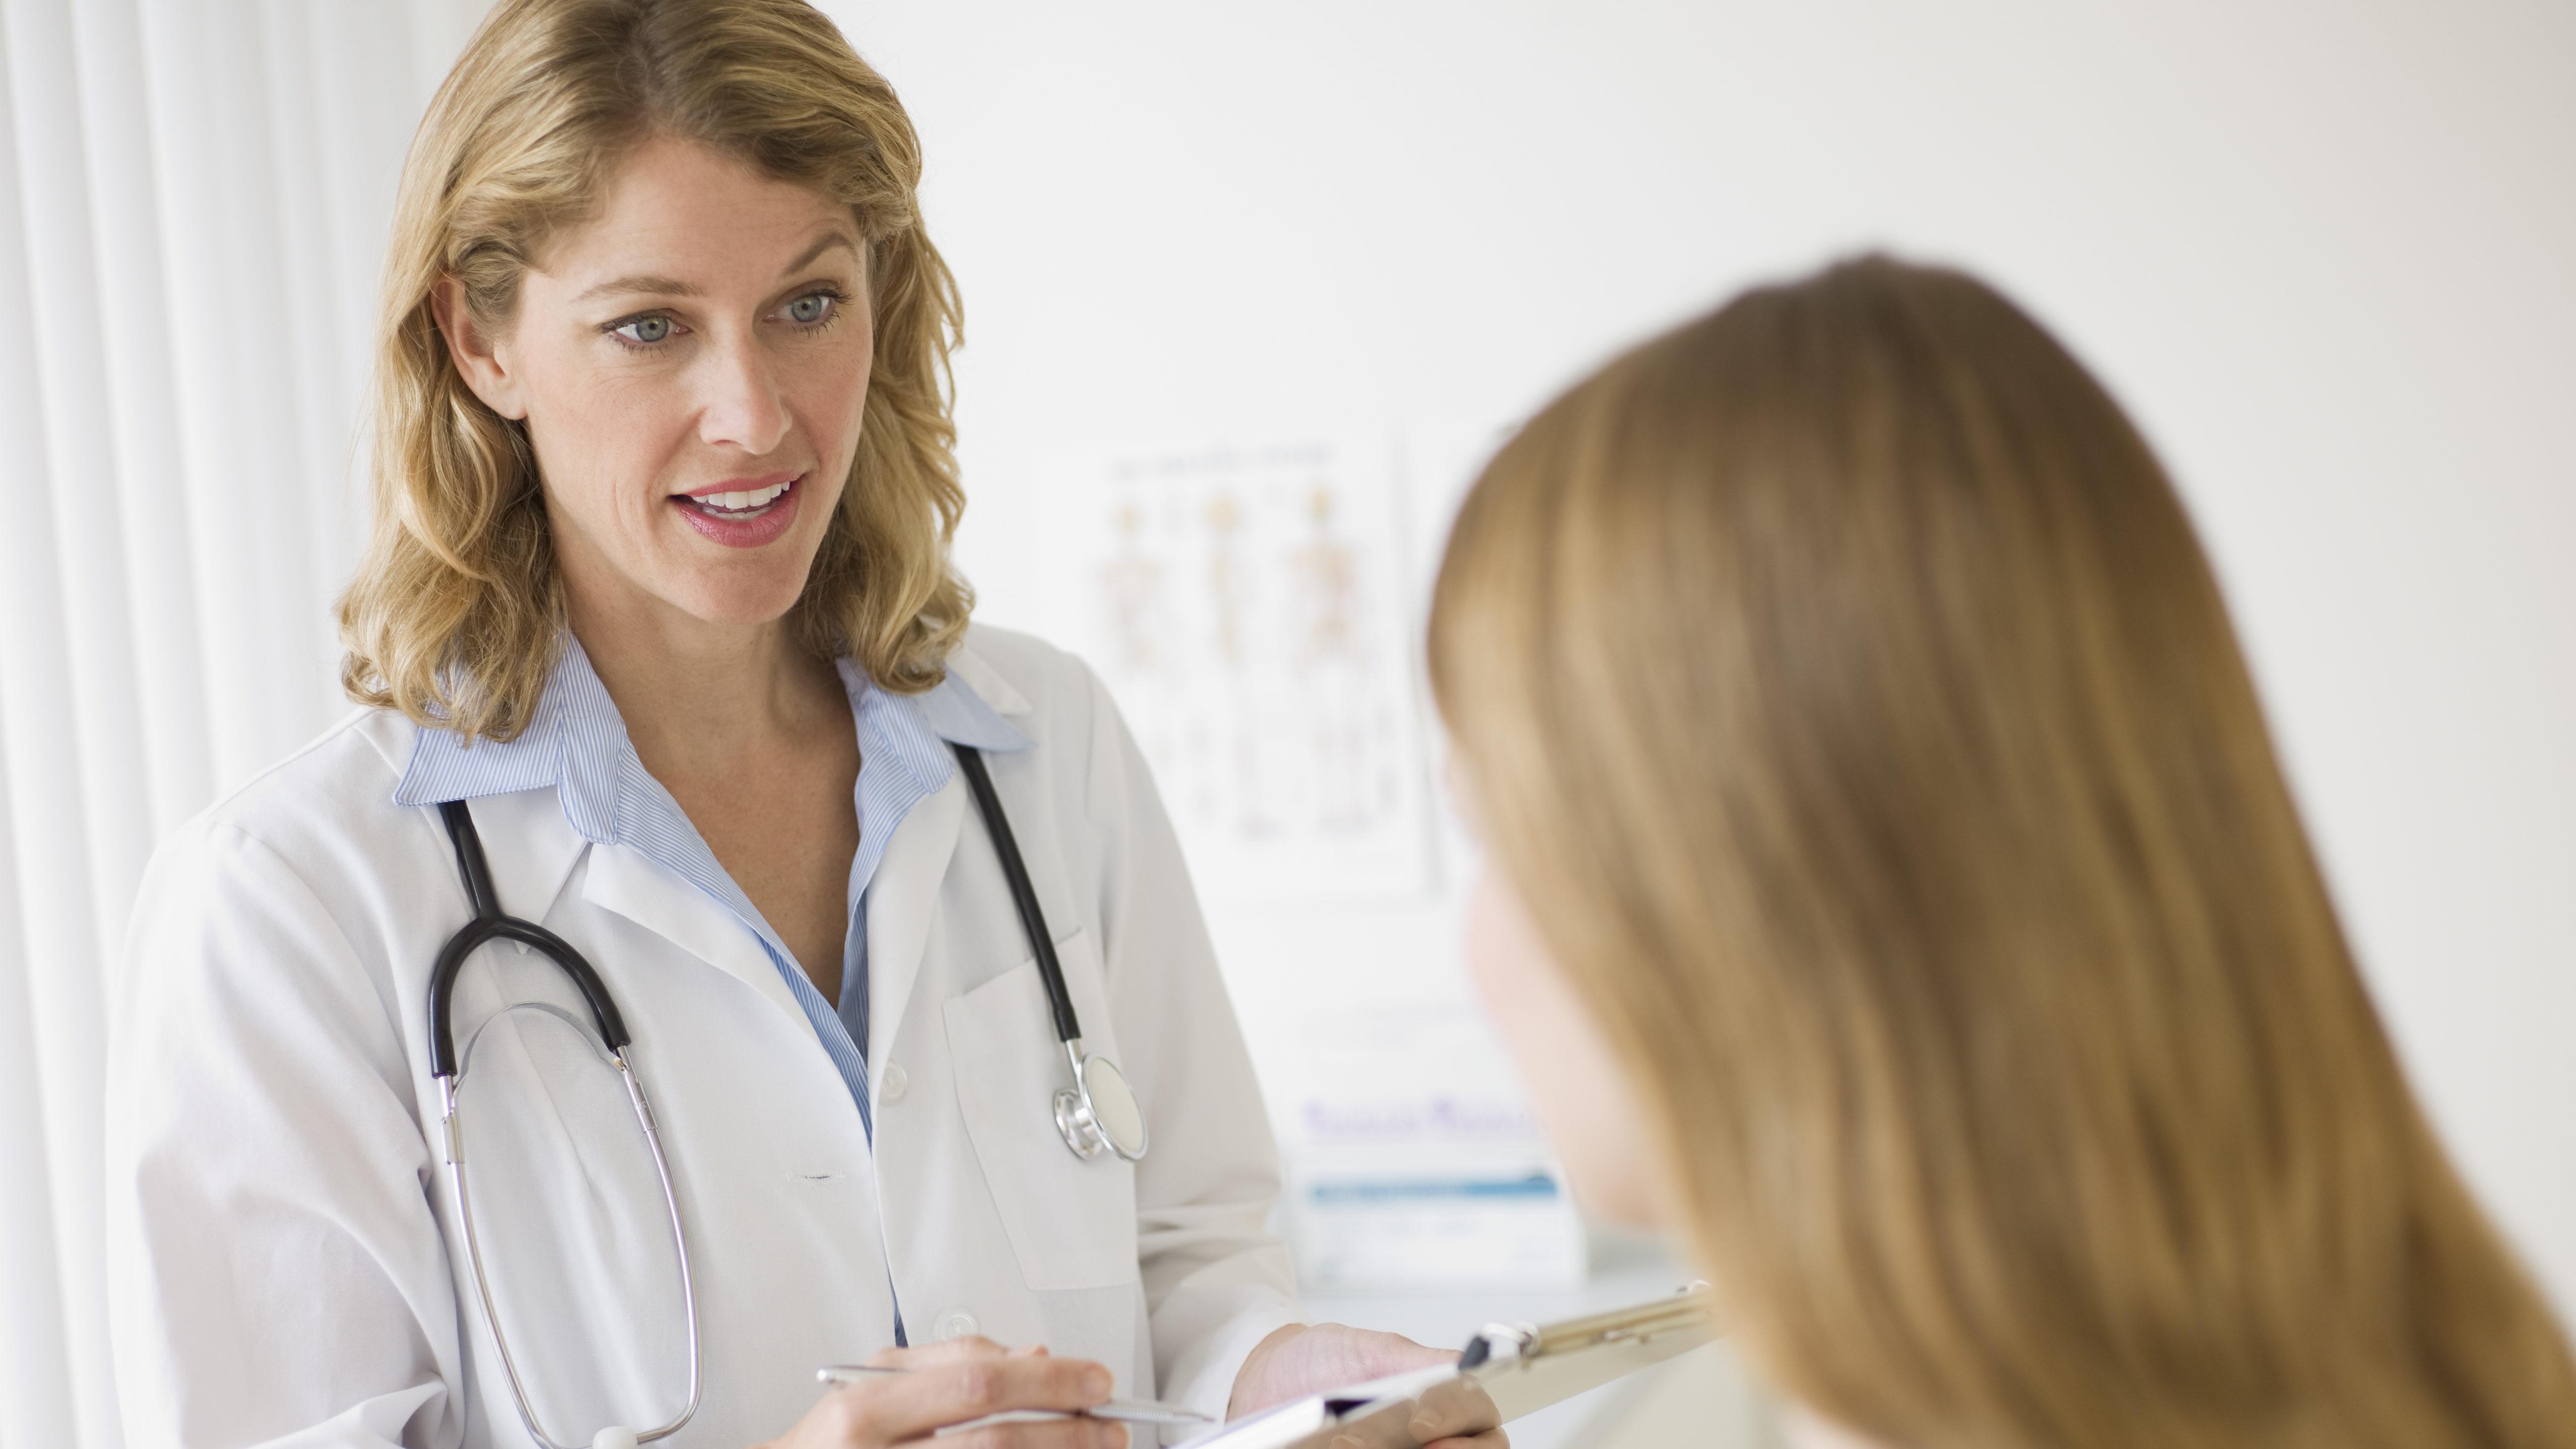 orvosi kezelés pikkelysömörhöz